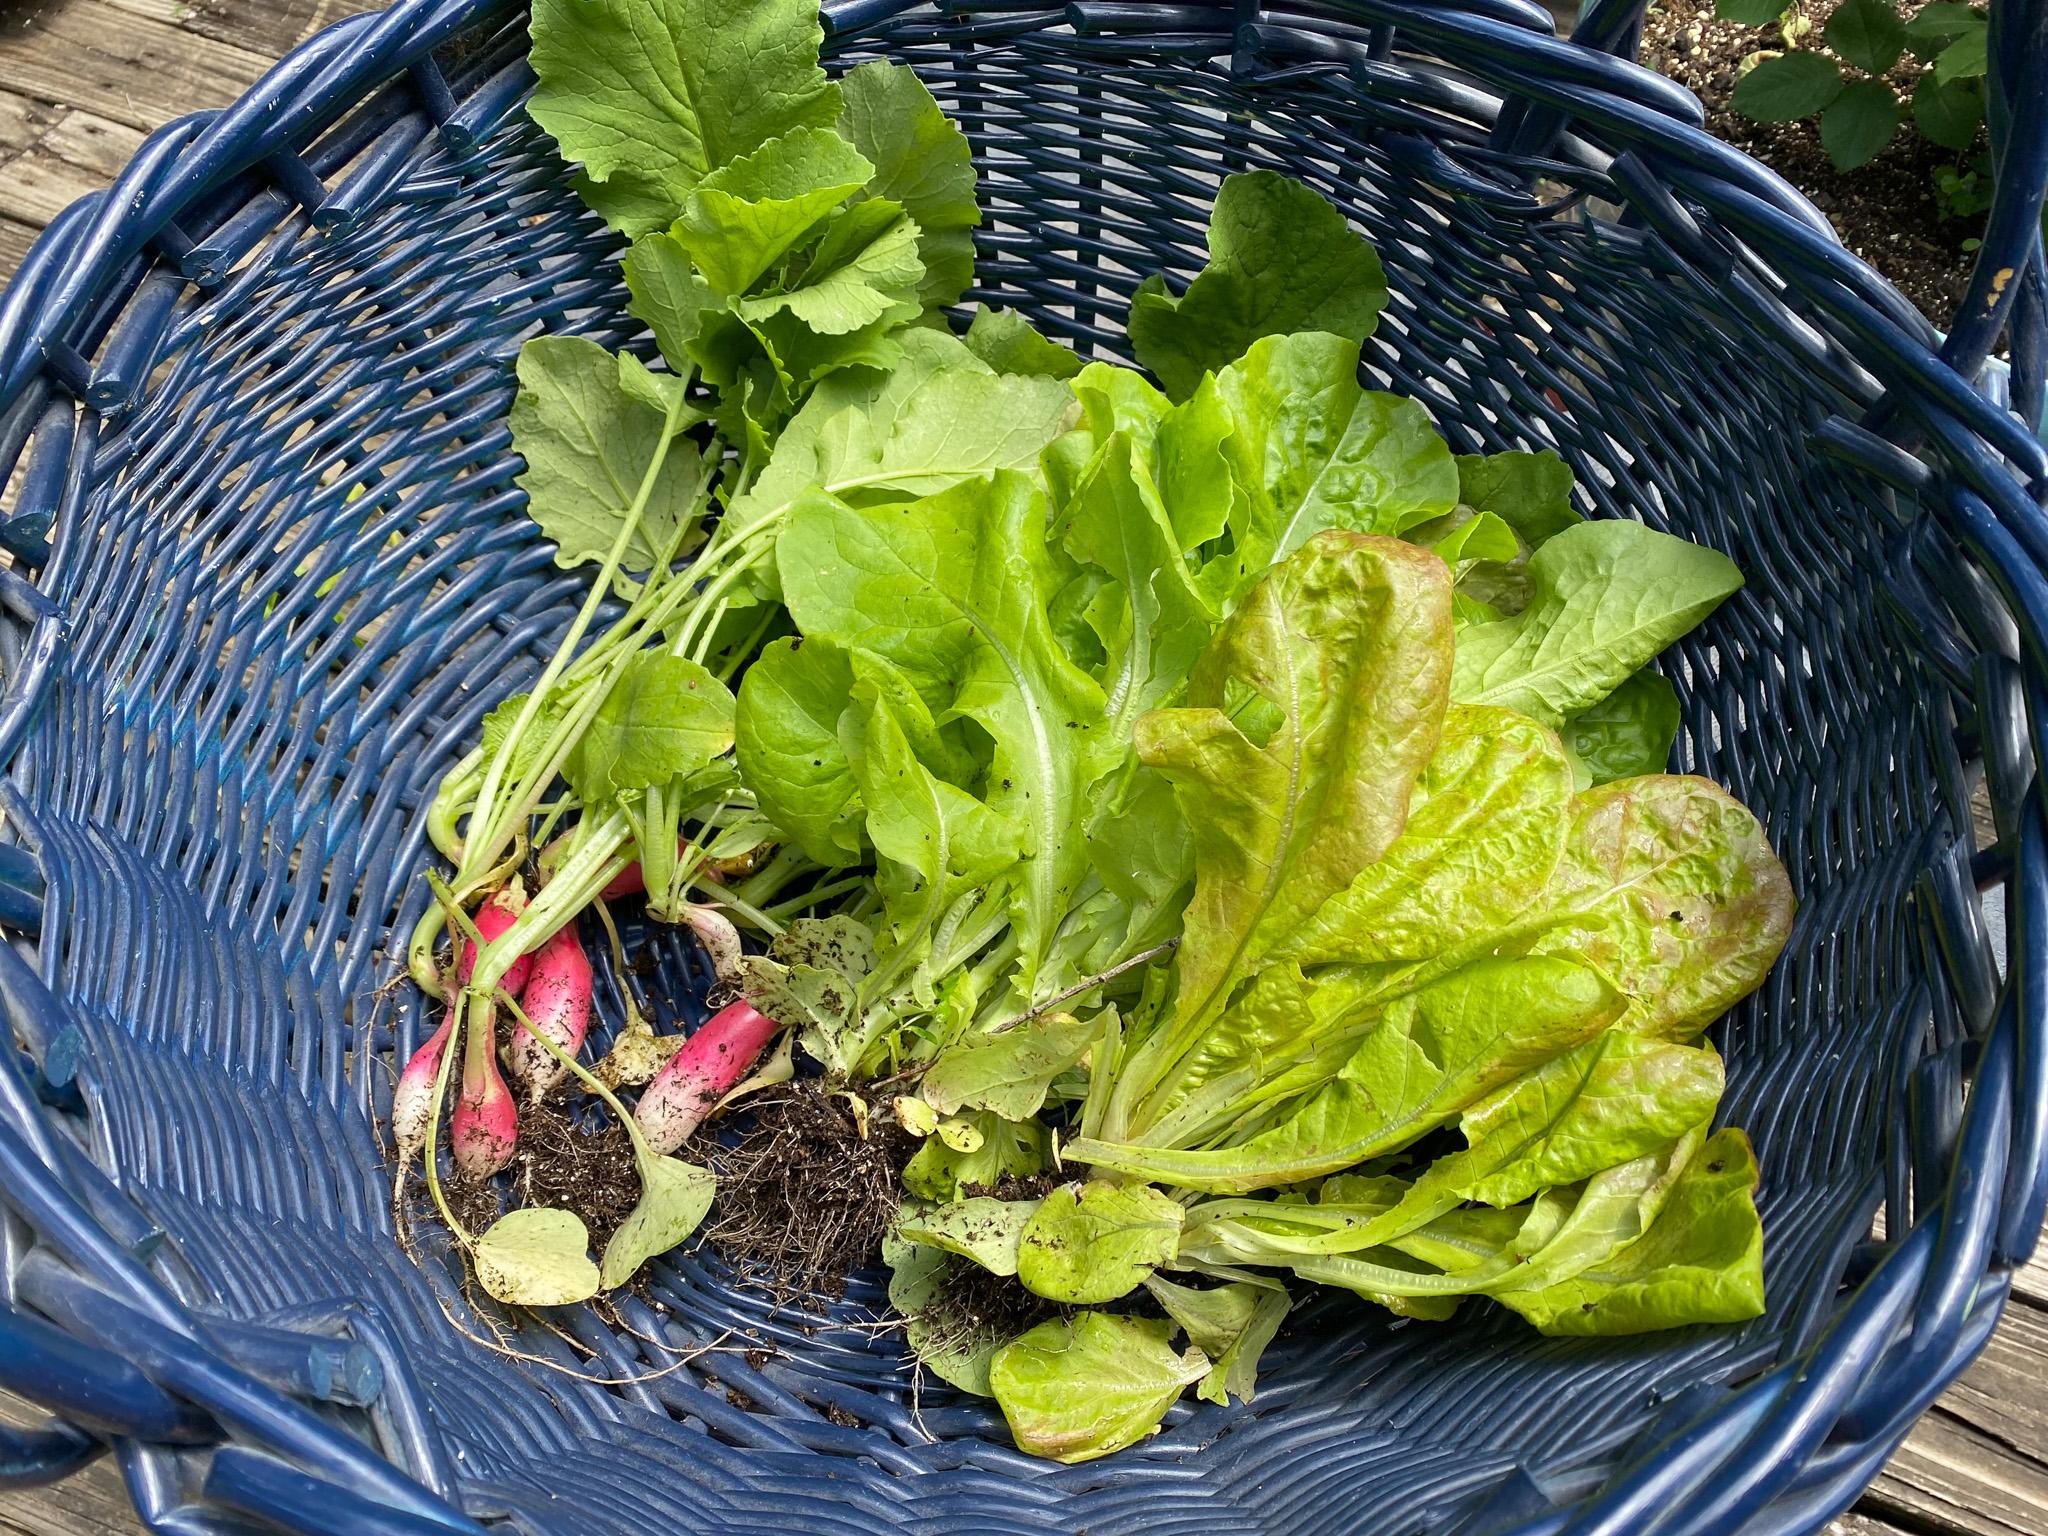 Our Garden: Radishes & Lettuce